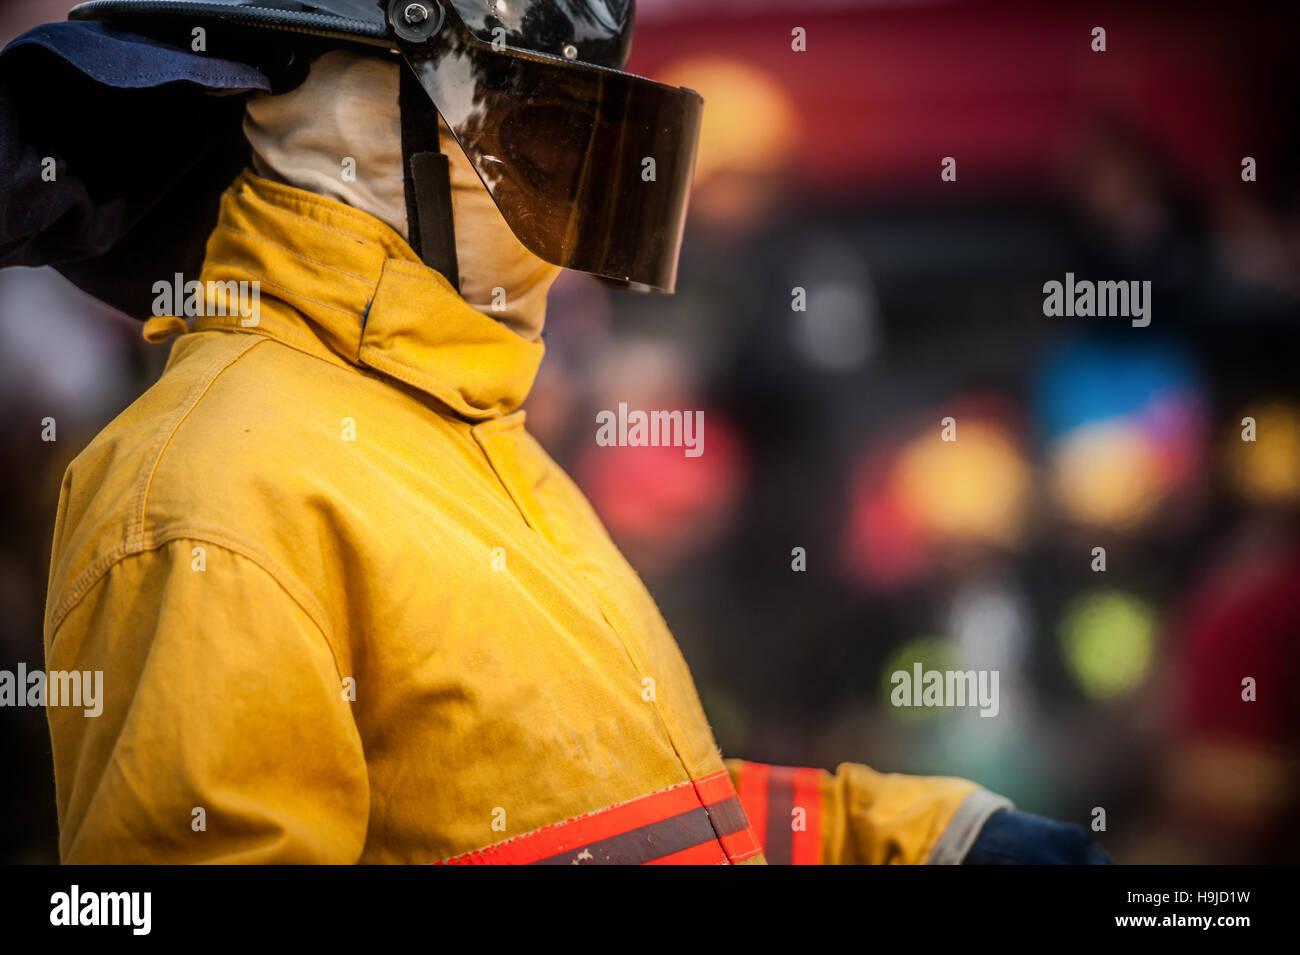 Une robe de pompiers leur action devant le pupitre Photo Stock